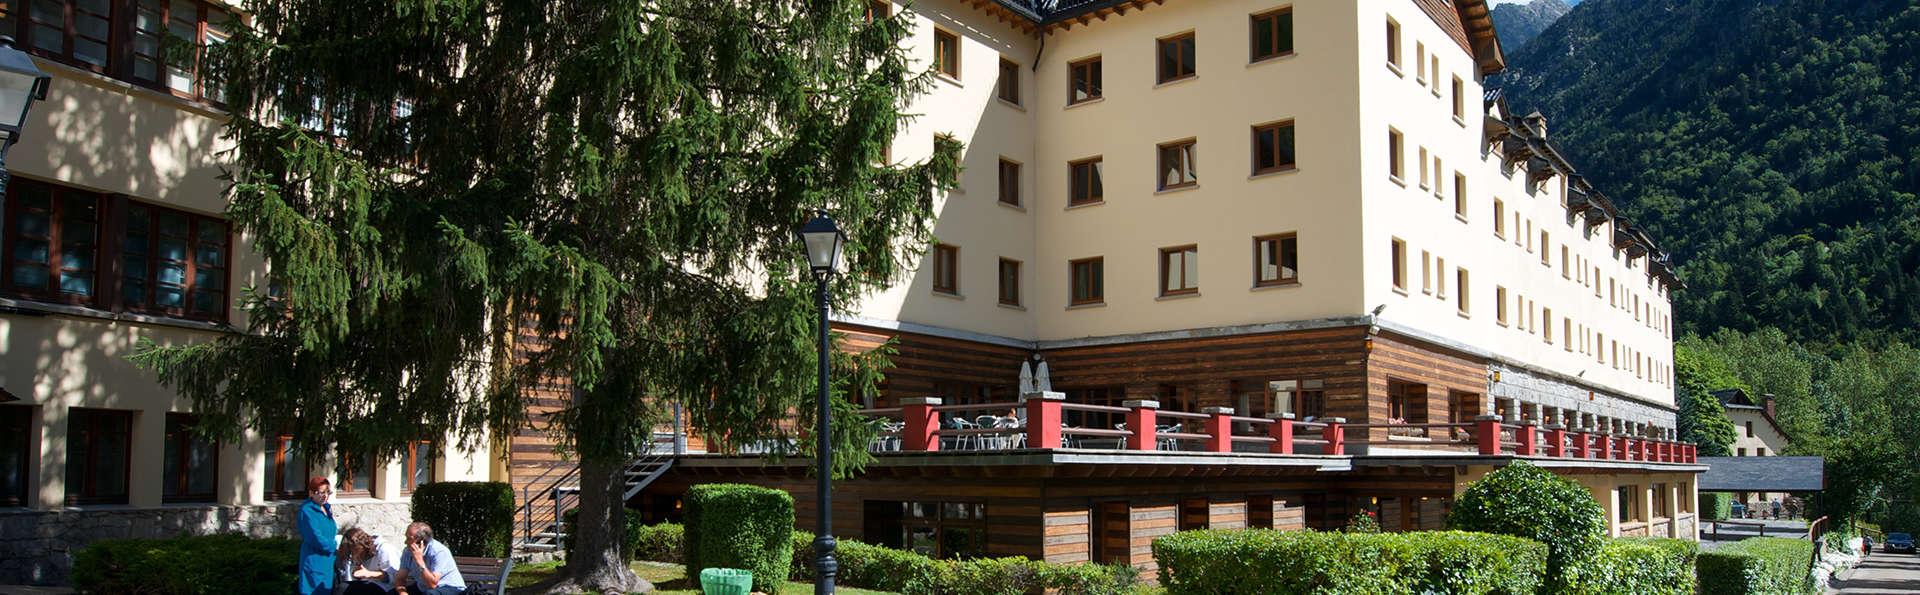 Balneario Caldes de Boí - Hotel Manantial - edit_front2.jpg